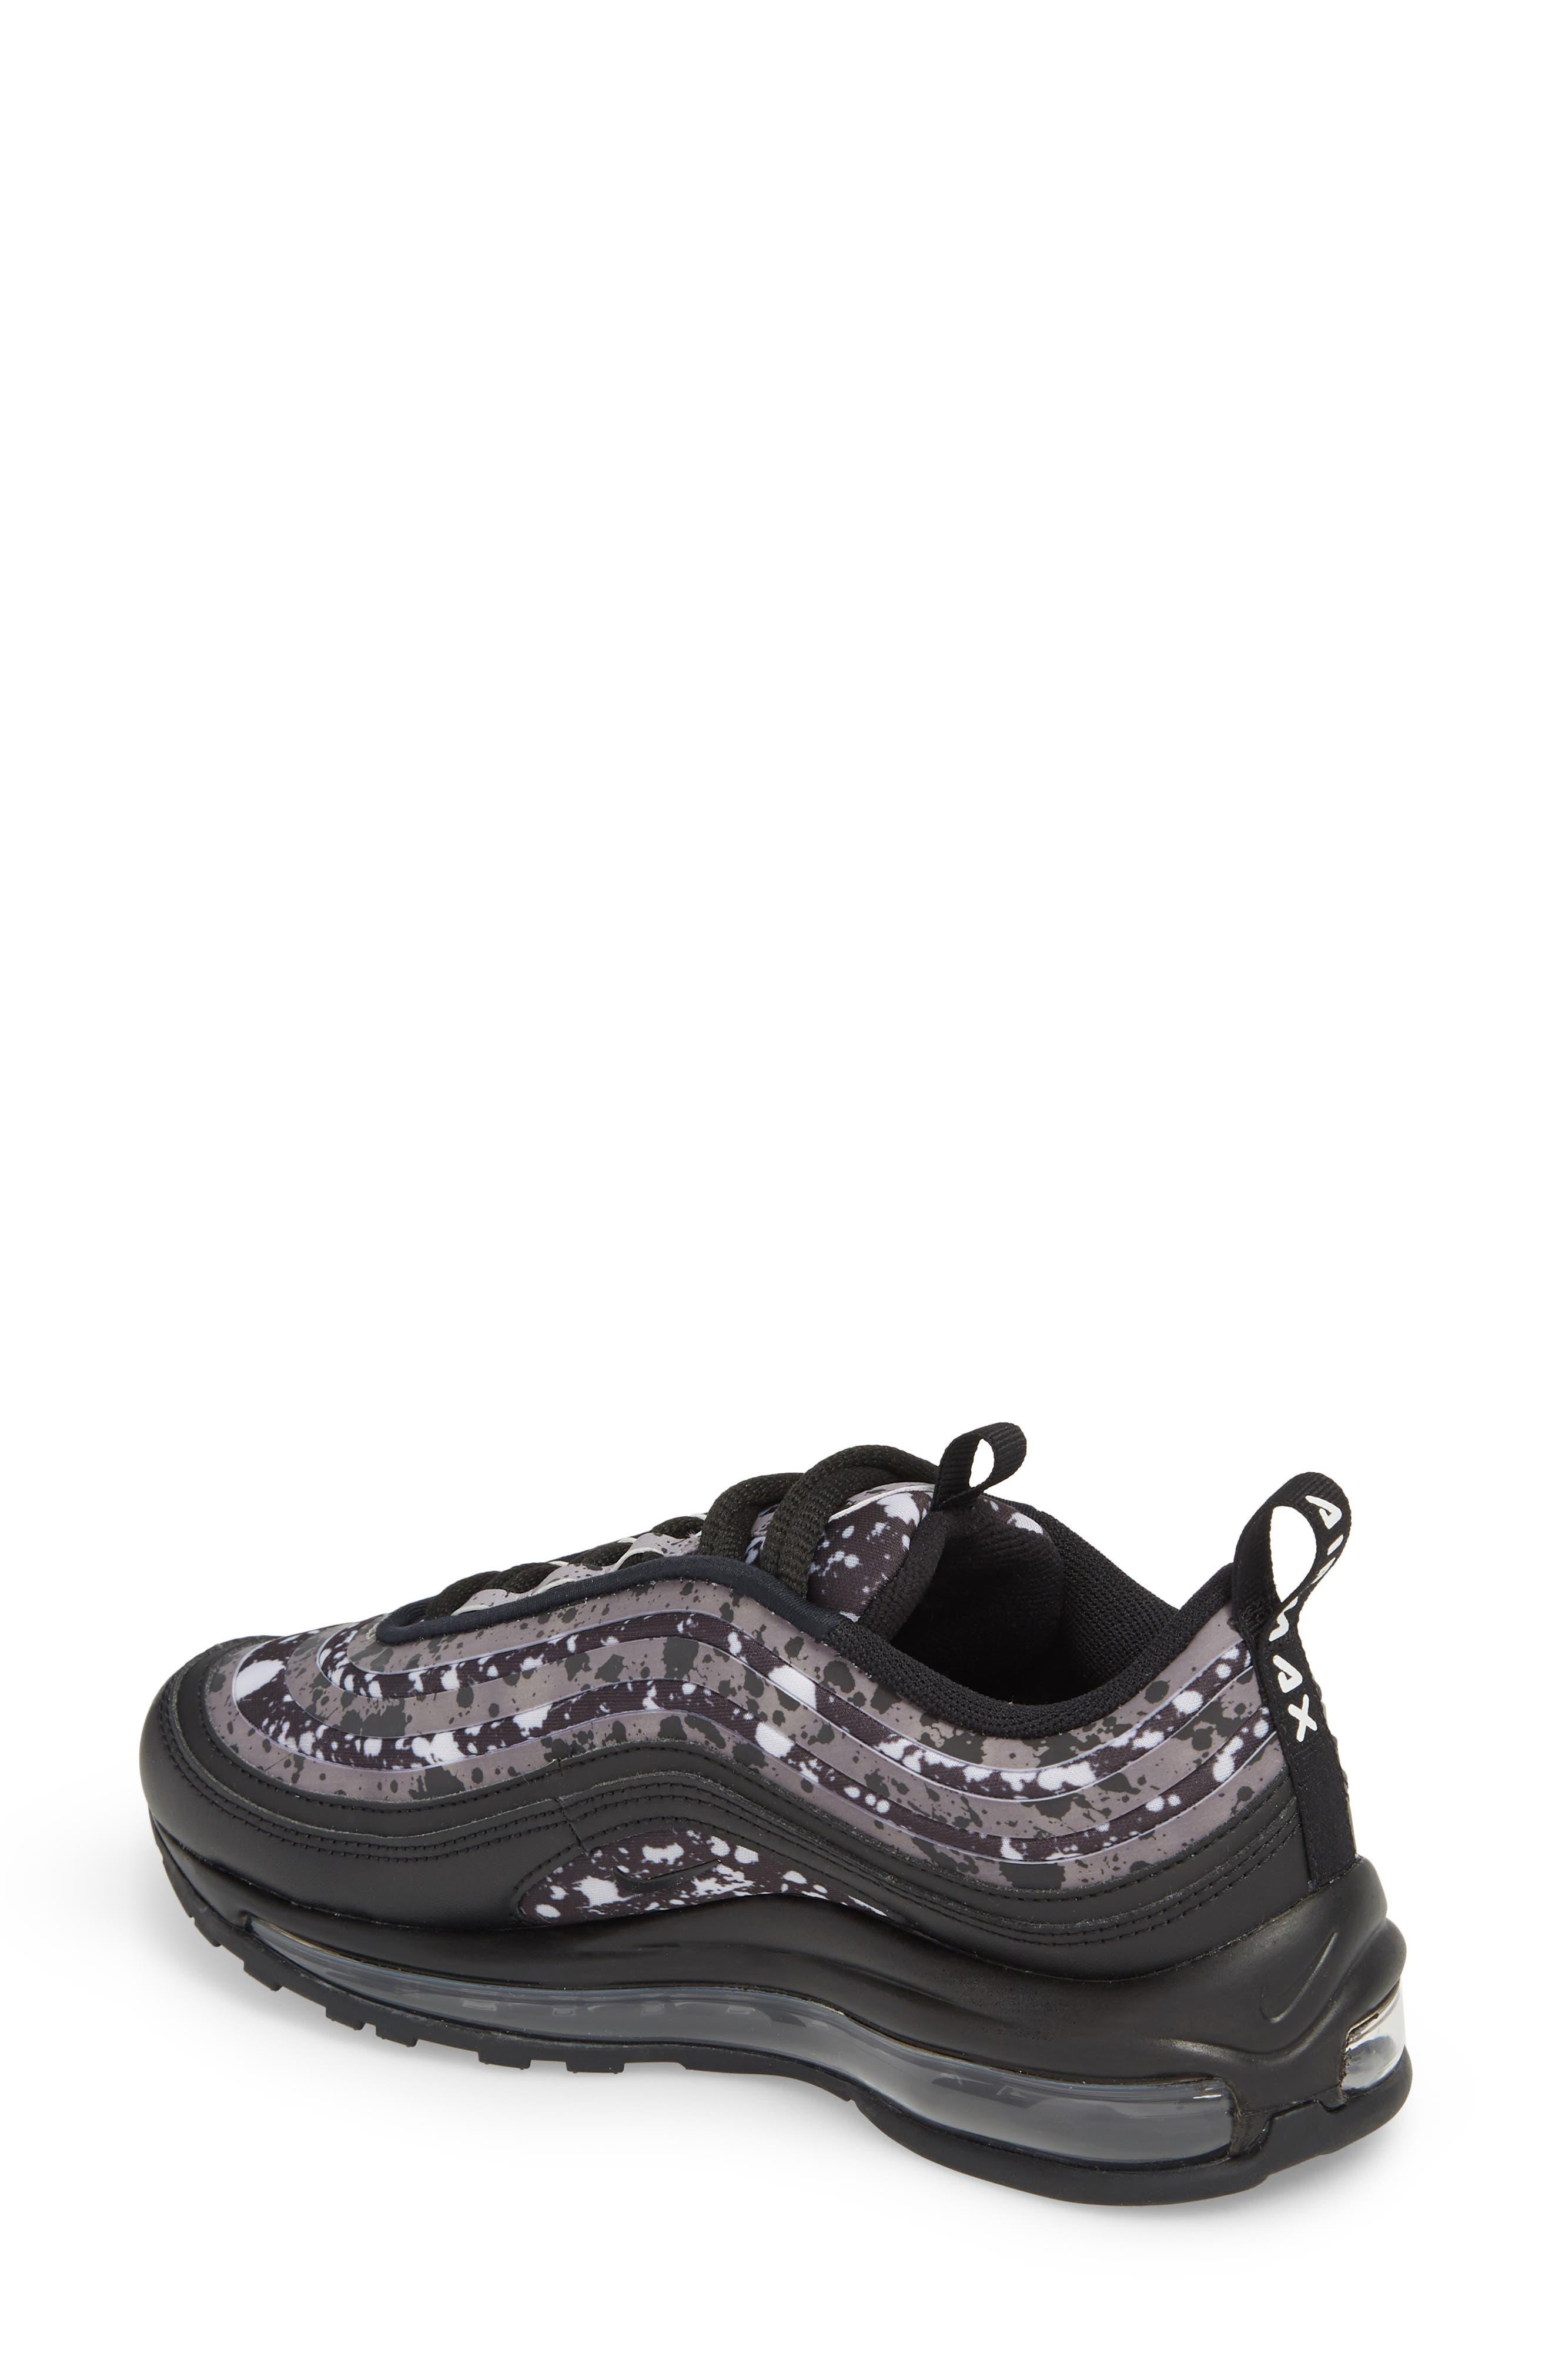 Air Max 97 Ultra '17 Premium Sneaker,                             Alternate thumbnail 2, color,                             Black/ Black-Vast Grey